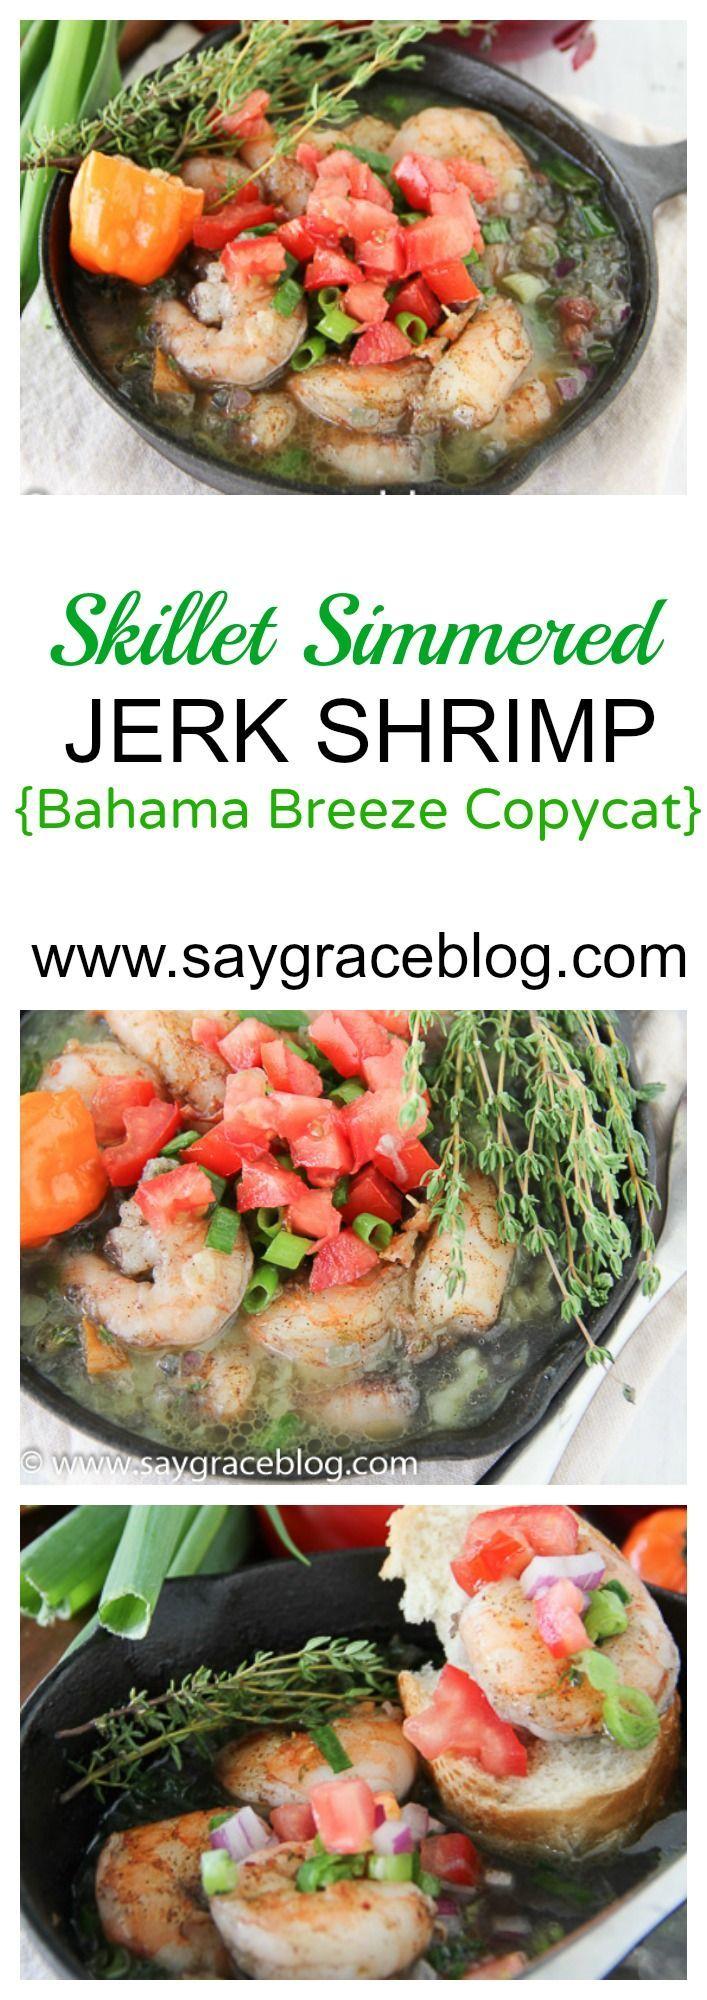 Skillet Simmered Jerk Shrimp (Bahama Breeze Copycat) #jerkshrimp